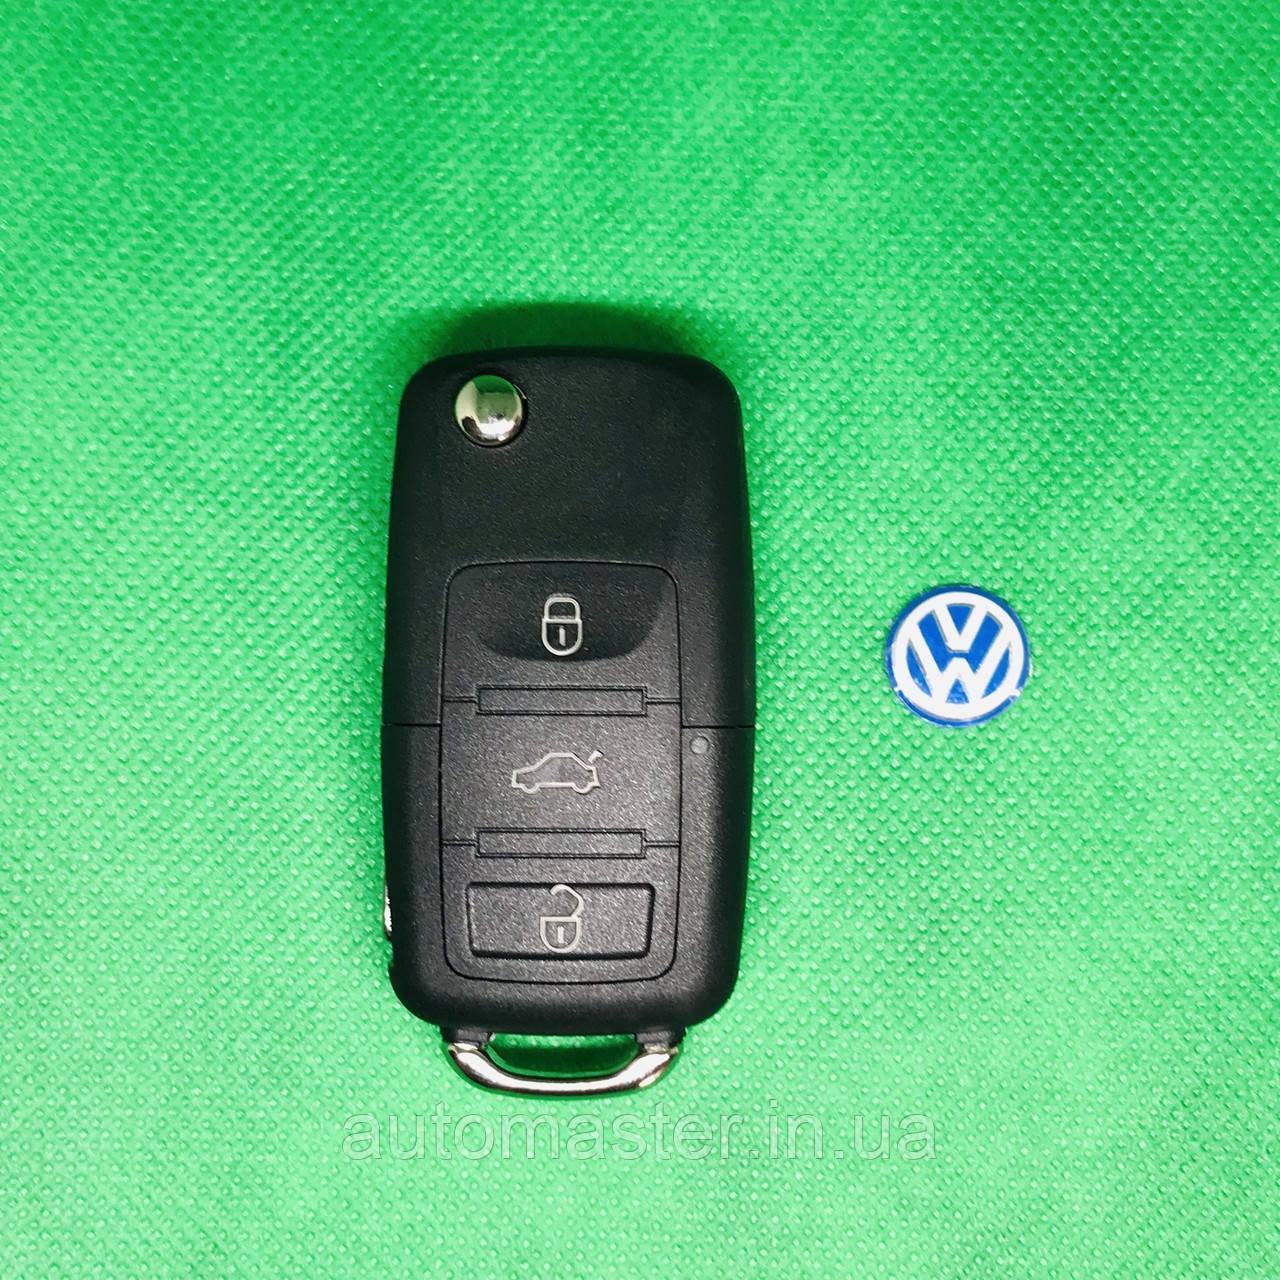 Корпус выкидного авто ключа для VOLKSWAGEN Passat, Caddy, Jetta, Golf (Фольксваген Пассат, Кадді) 3 - кнопки